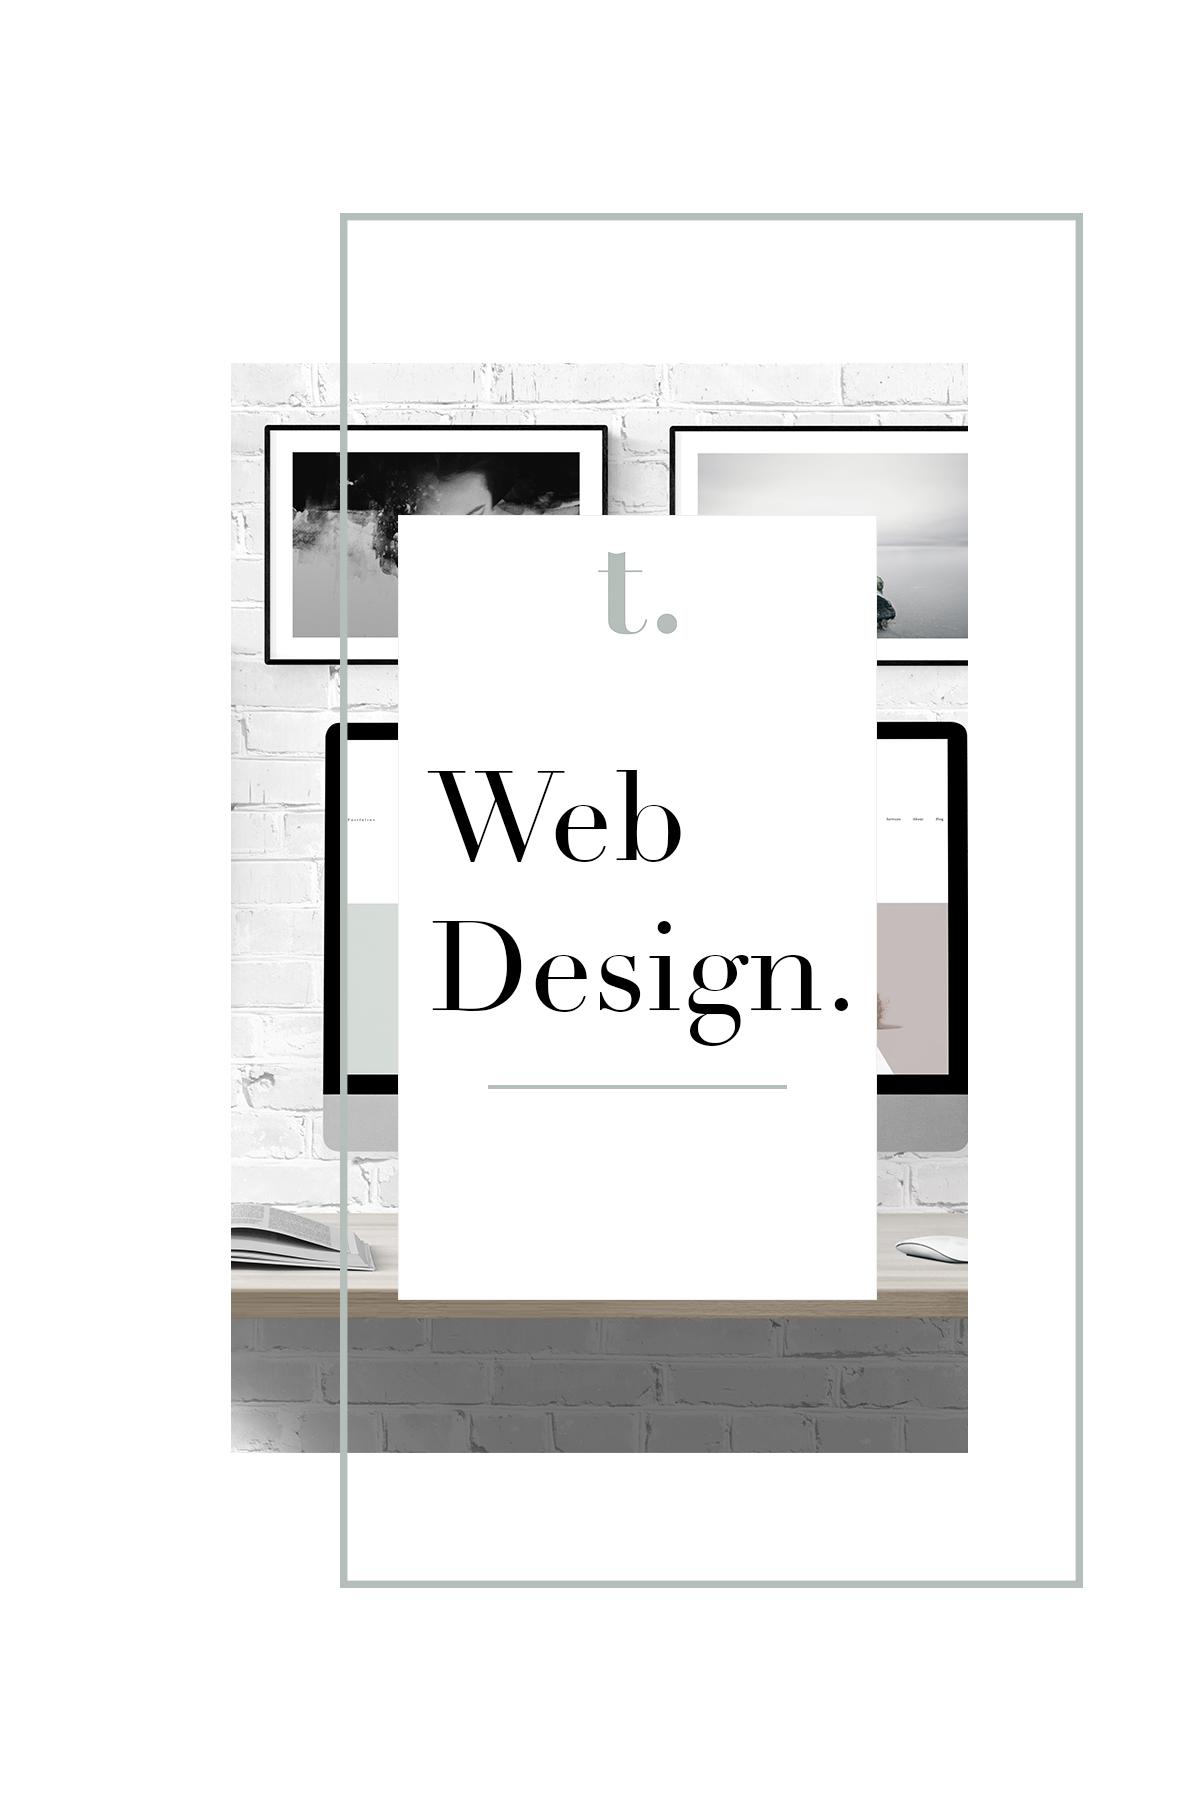 webdesign img.jpg